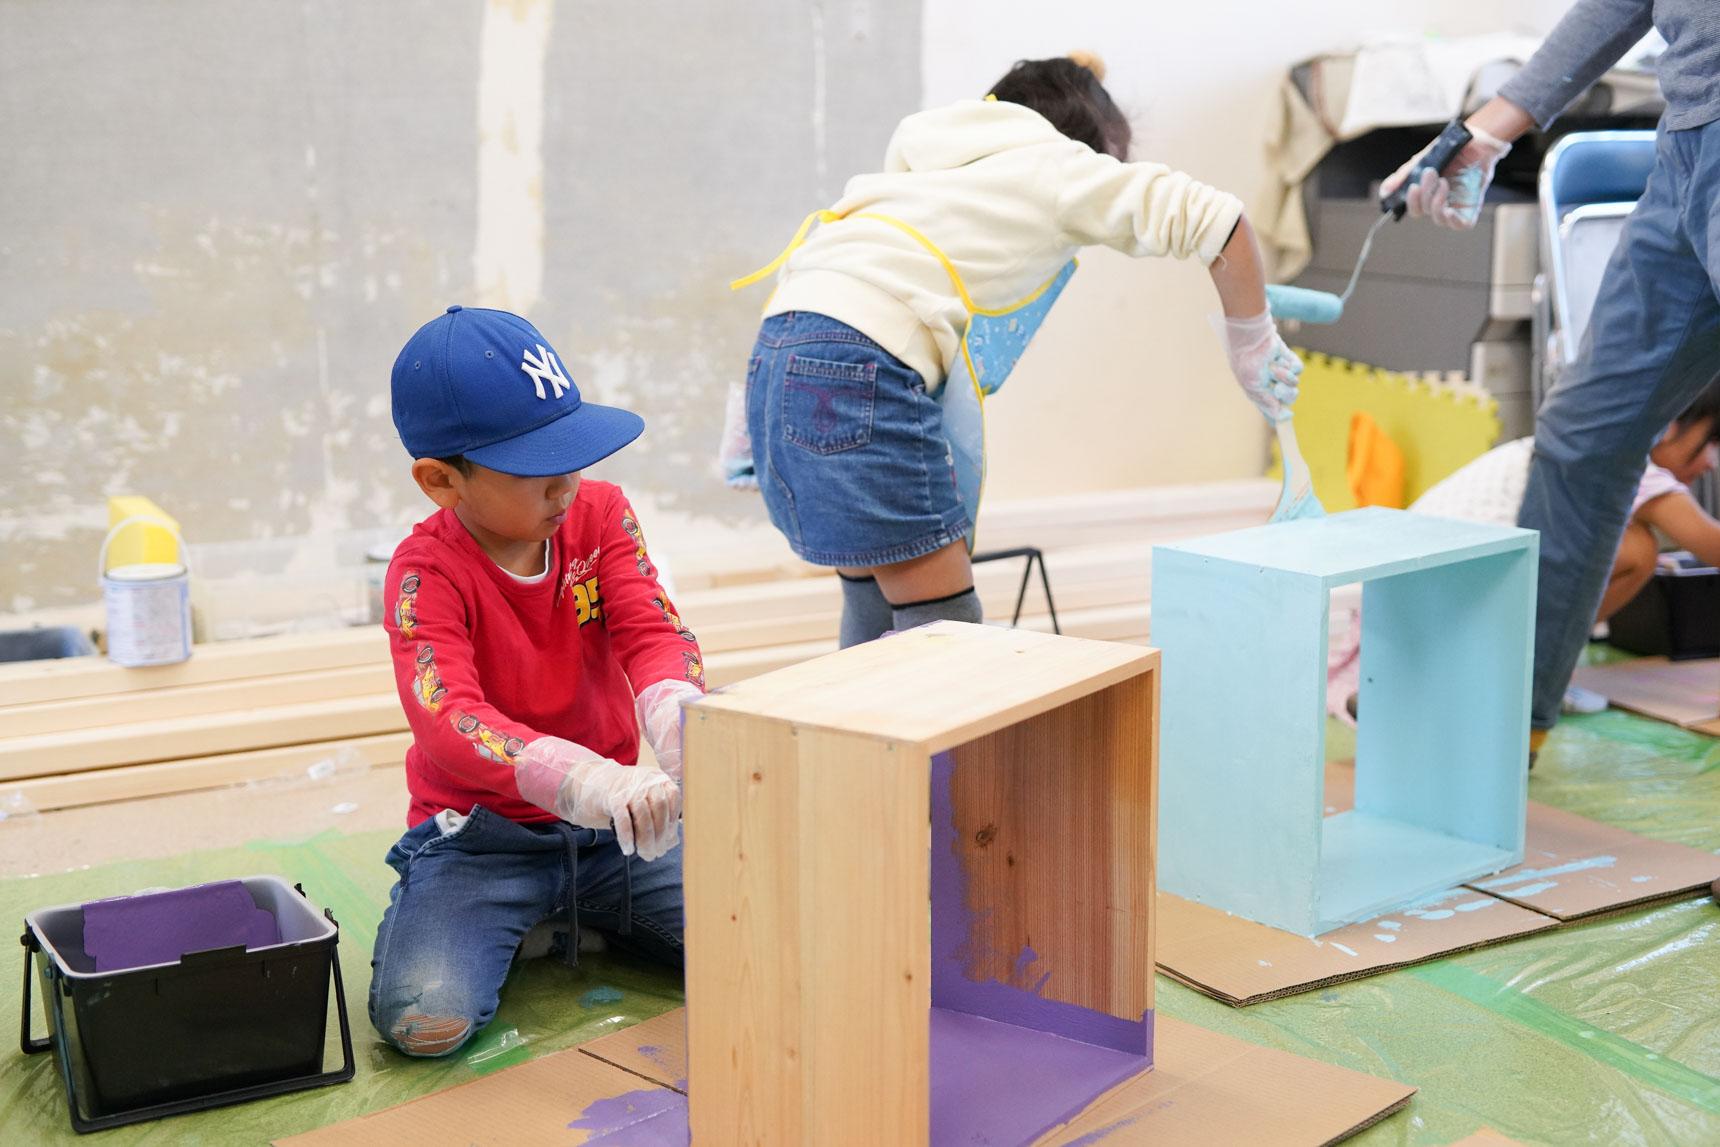 この日は、「本棚づくり」のワークショップが行われていました。4年前、としょかんのオープン当初に本を入れる木箱を作りました。この木箱に今度は色を塗ってリメイクします。団地に住むたくさんの子どもたちが参加し、大盛況。